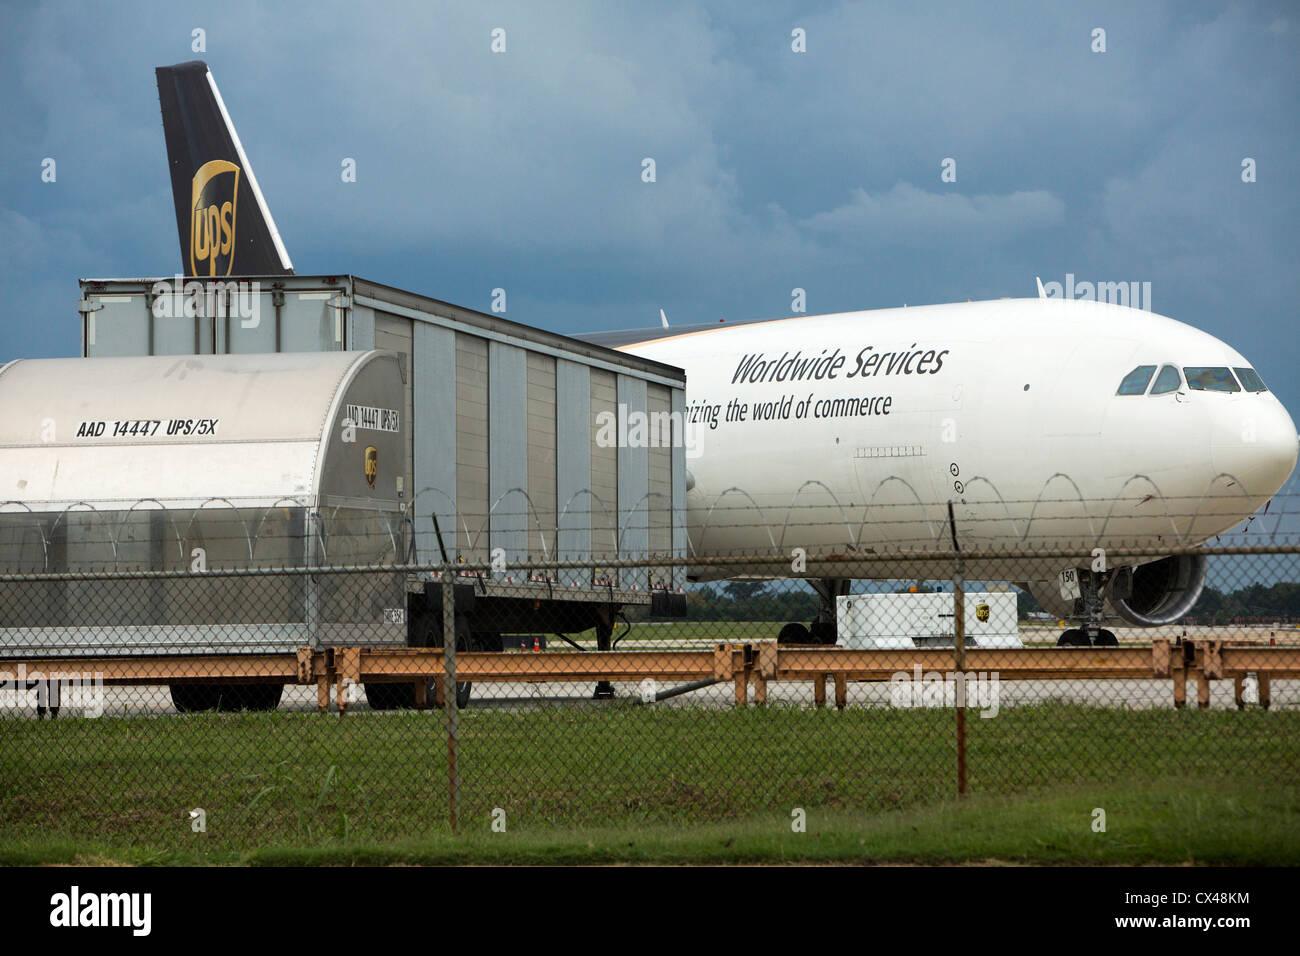 Un UPS (United Parcel Service) cargo aereo al di fuori di un impianto di smistamento. Immagini Stock